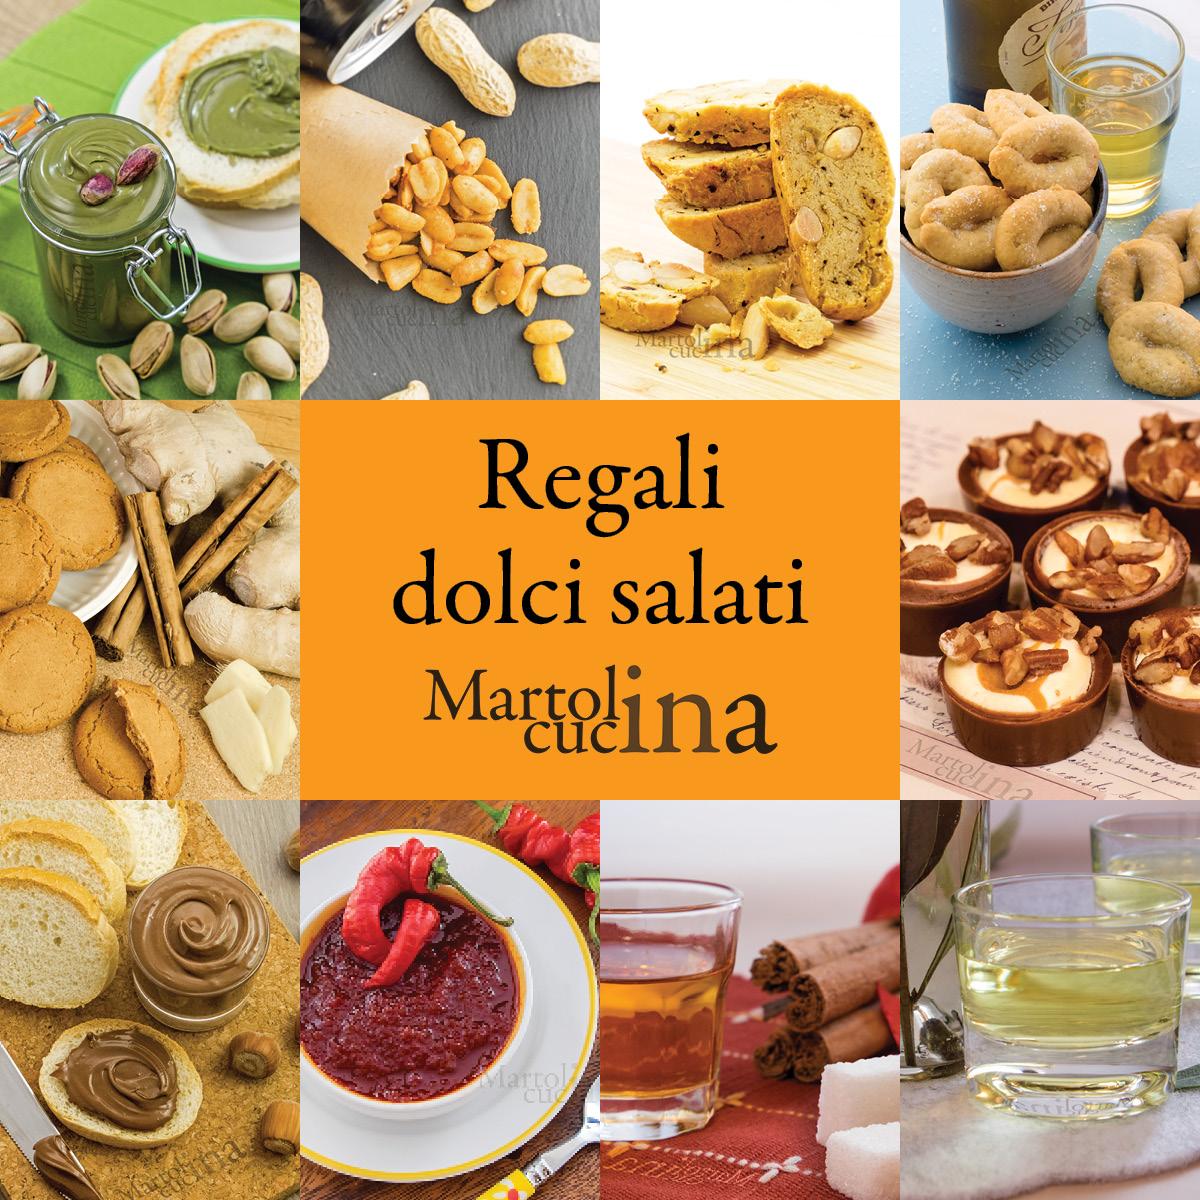 Regali dolci e salati